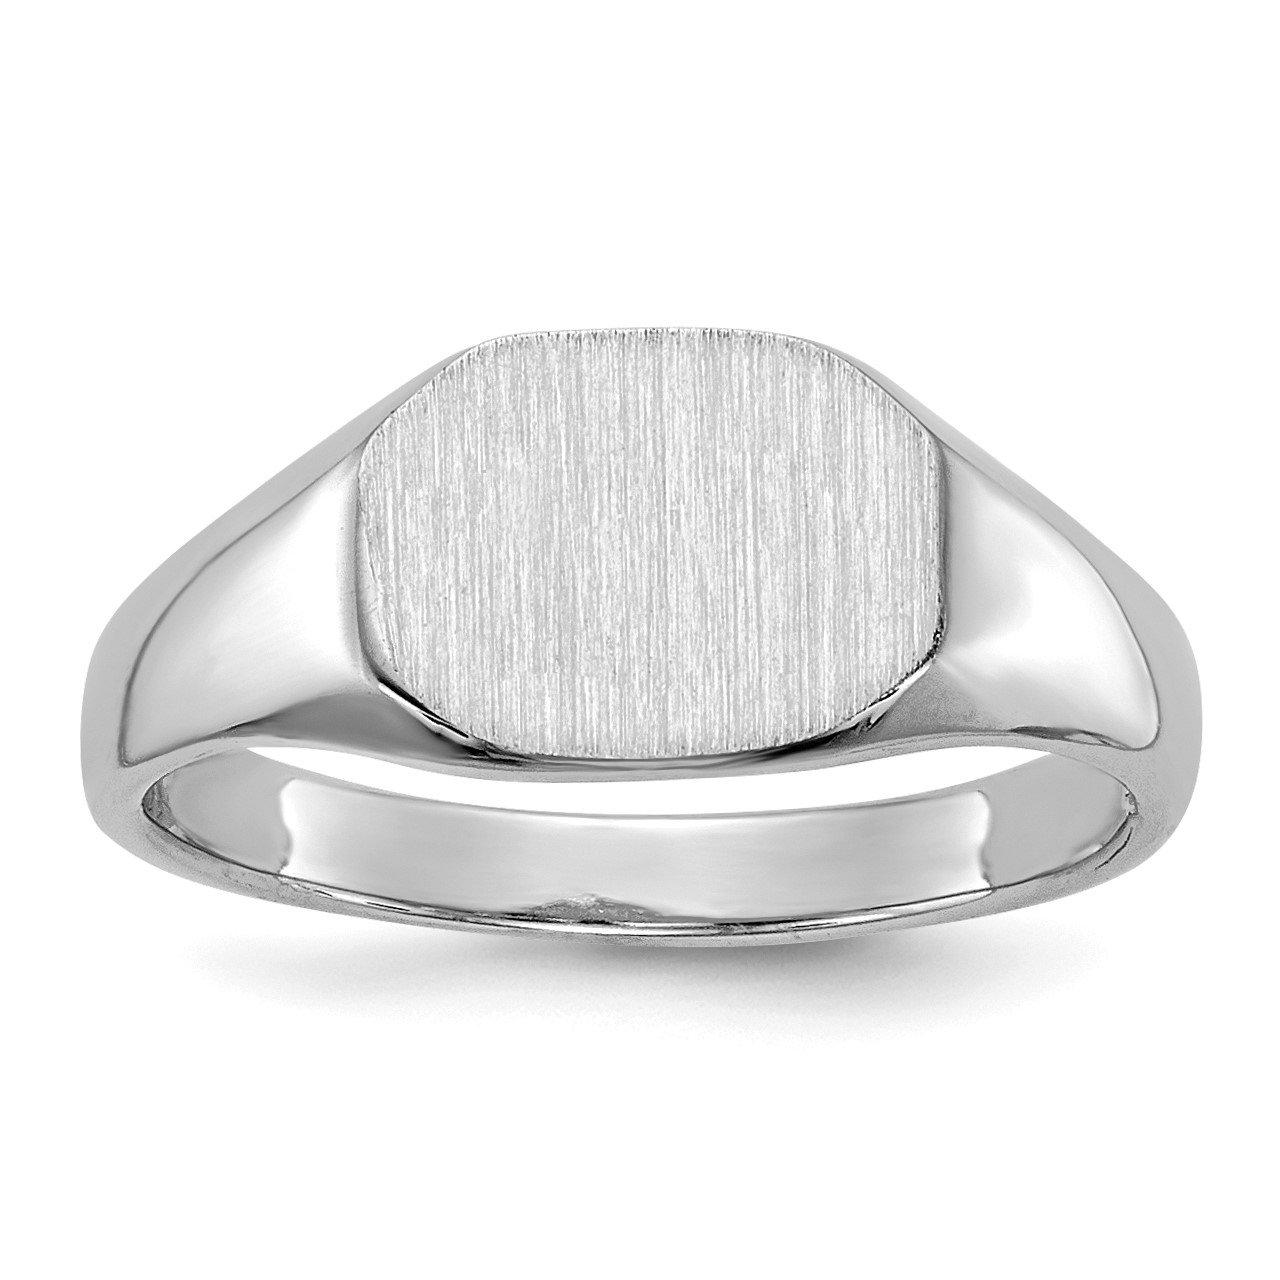 14k White Gold 8.0x6.5mm Open Back Child's Signet Ring